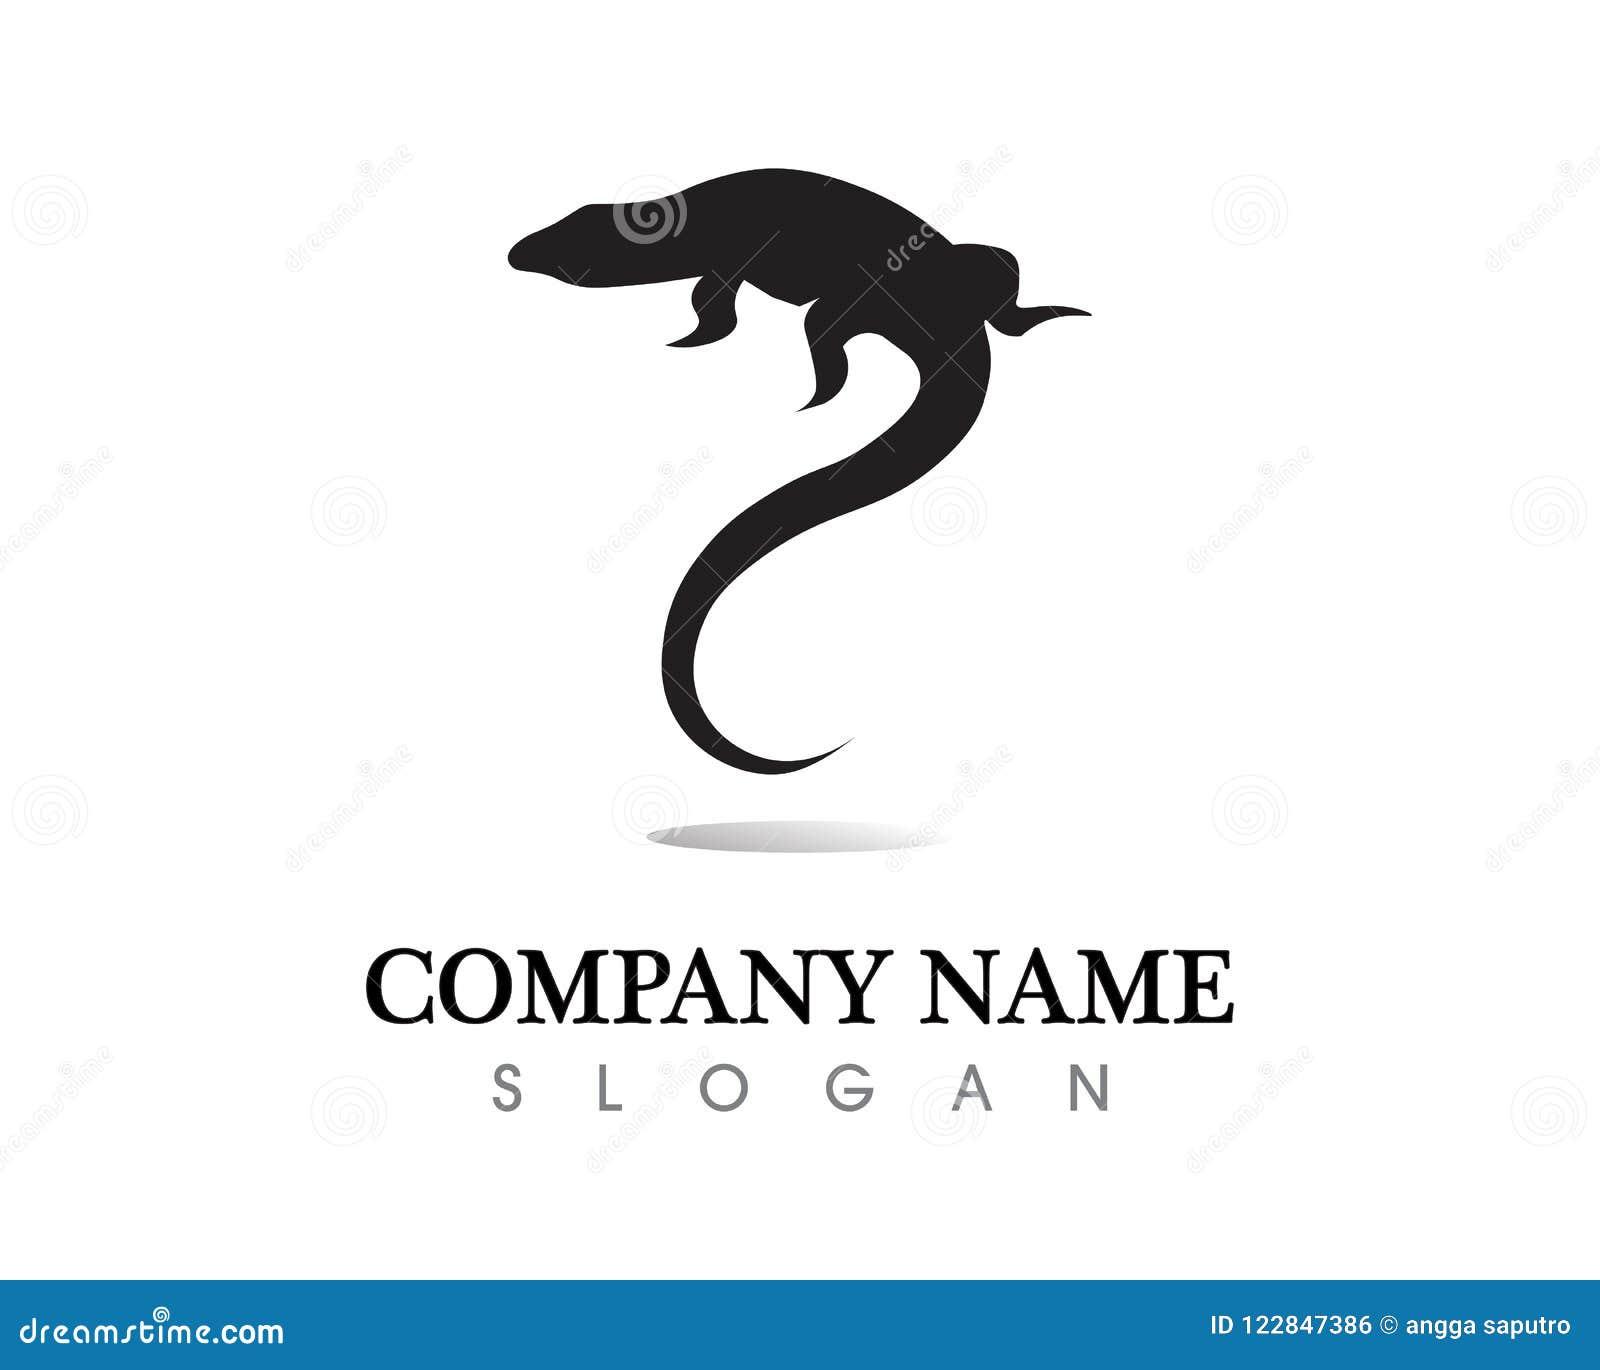 Hagedisvector, ontwerp, dier, en reptiel, gekko